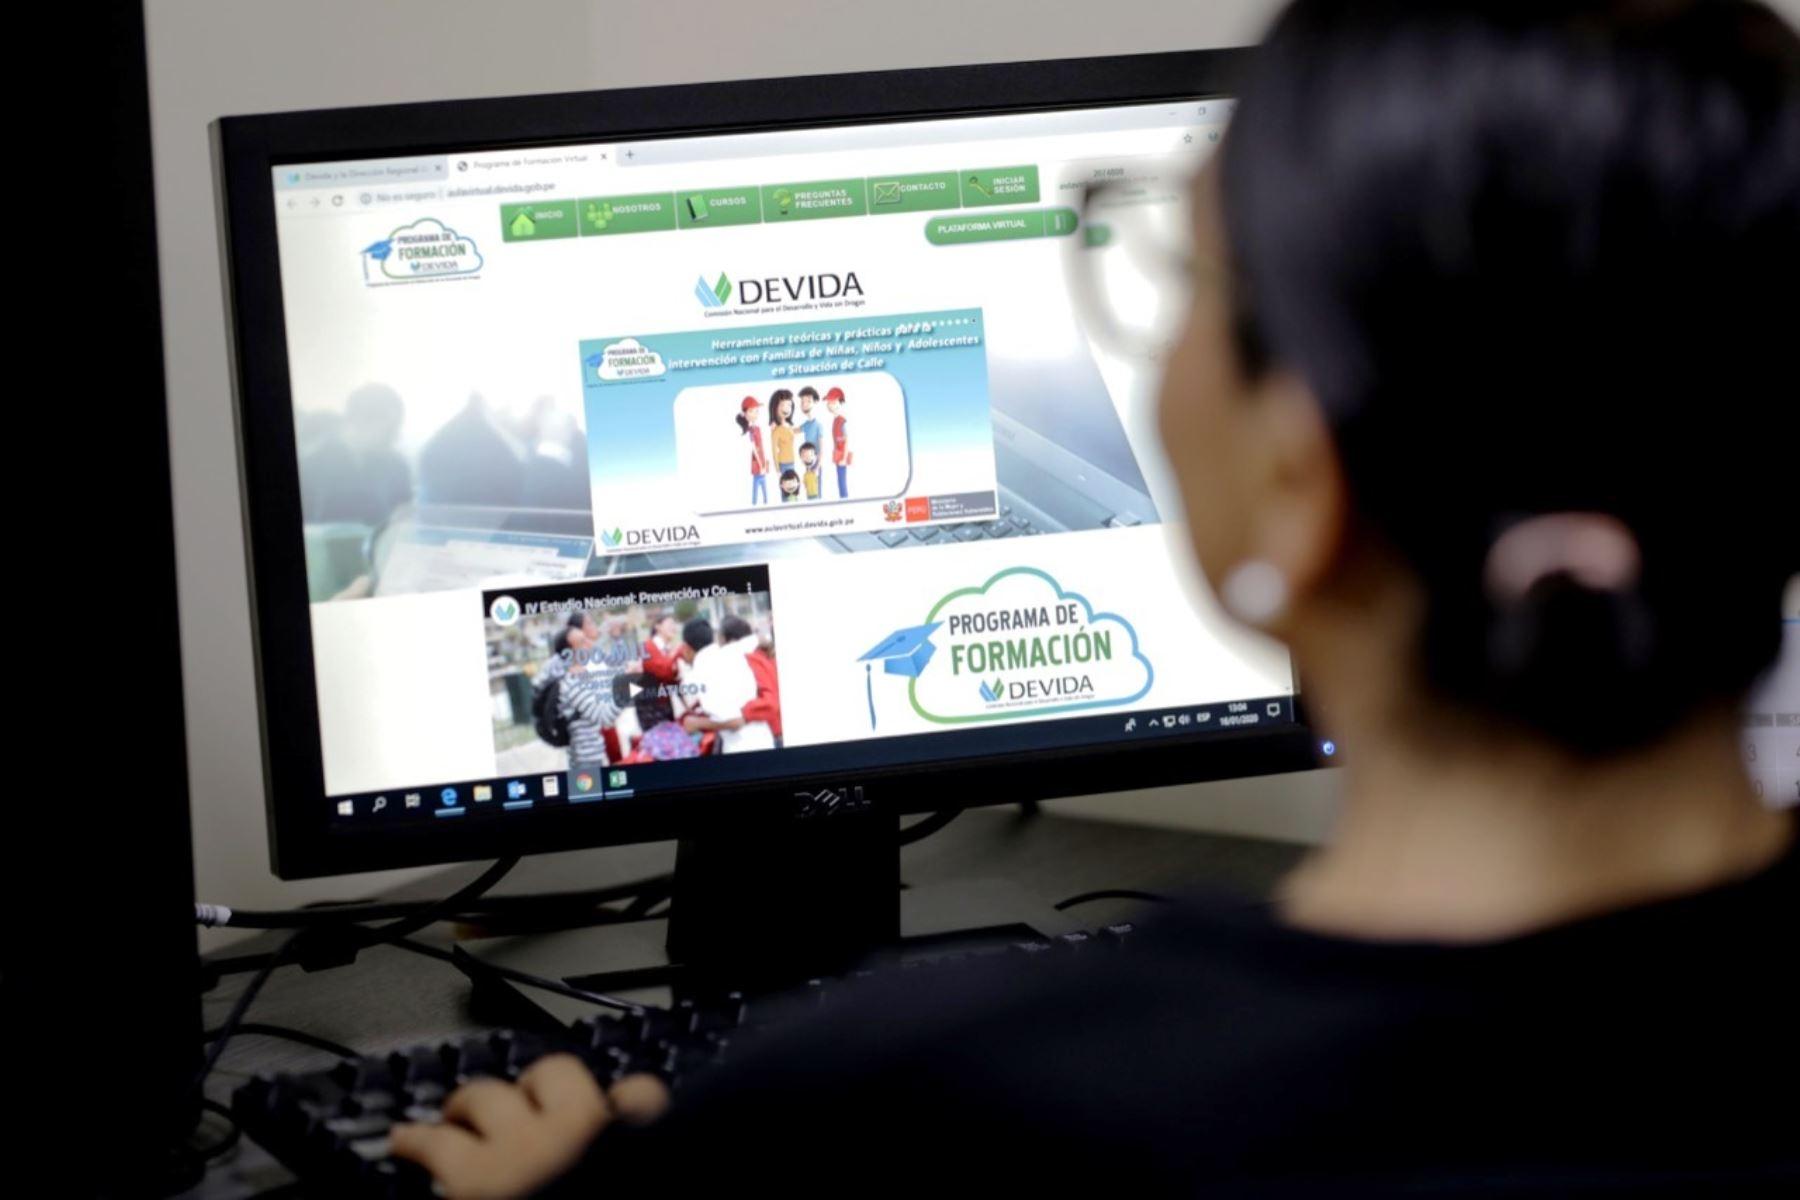 Devida ofrece 1,200 becas a profesionales ligados a la prevención de drogas. Foto: ANDINA/Difusión.